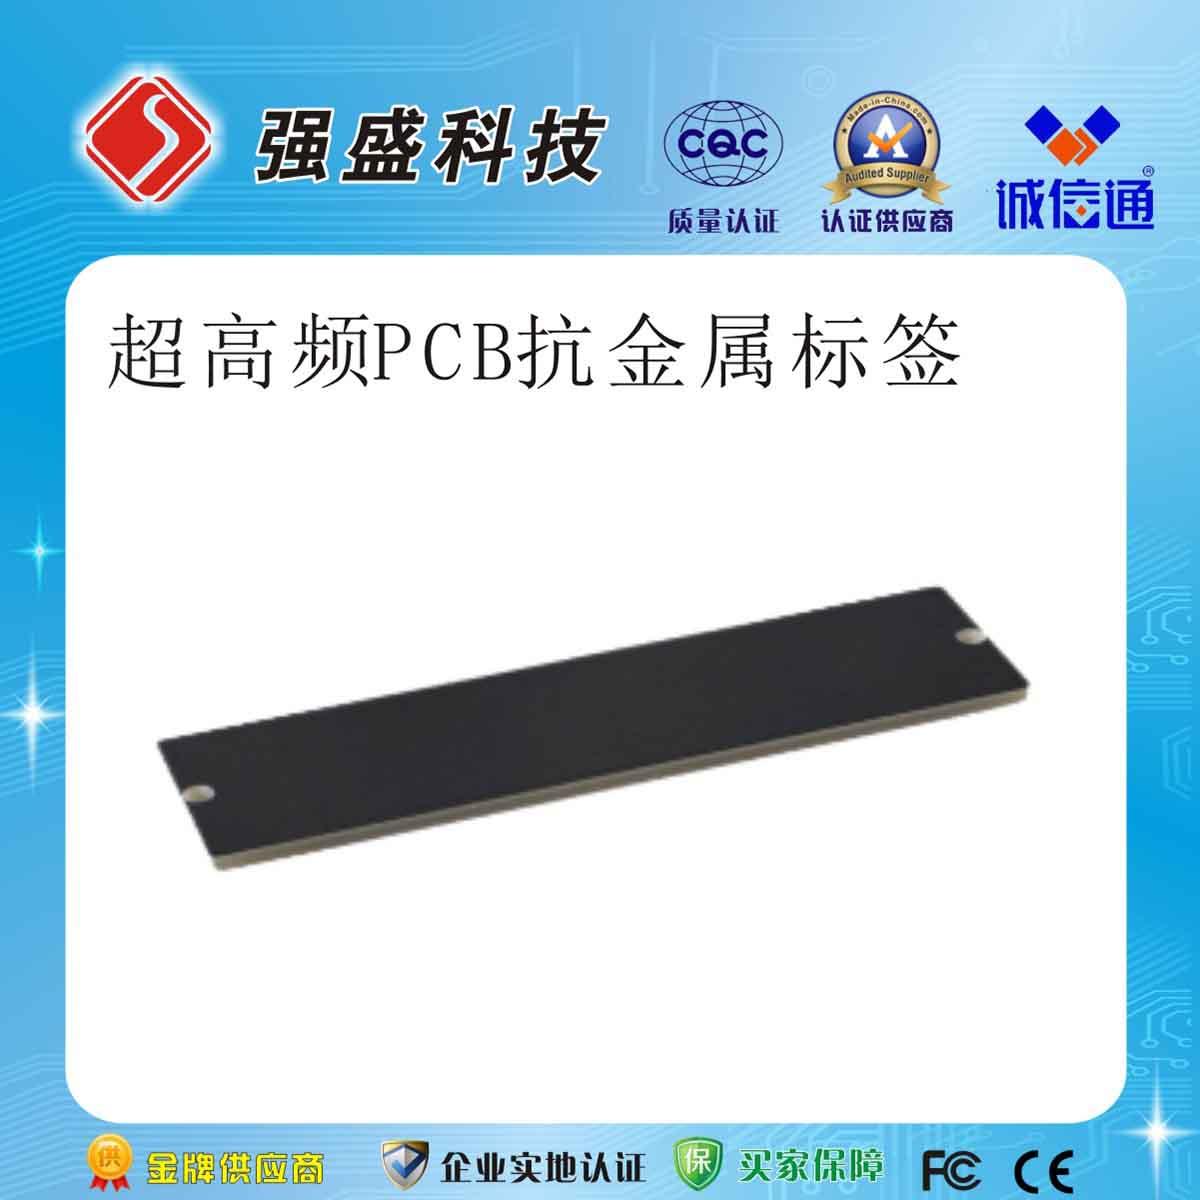 供应加长型PVC卡车辆档风玻璃射频识别6C7意彩app下载UHF